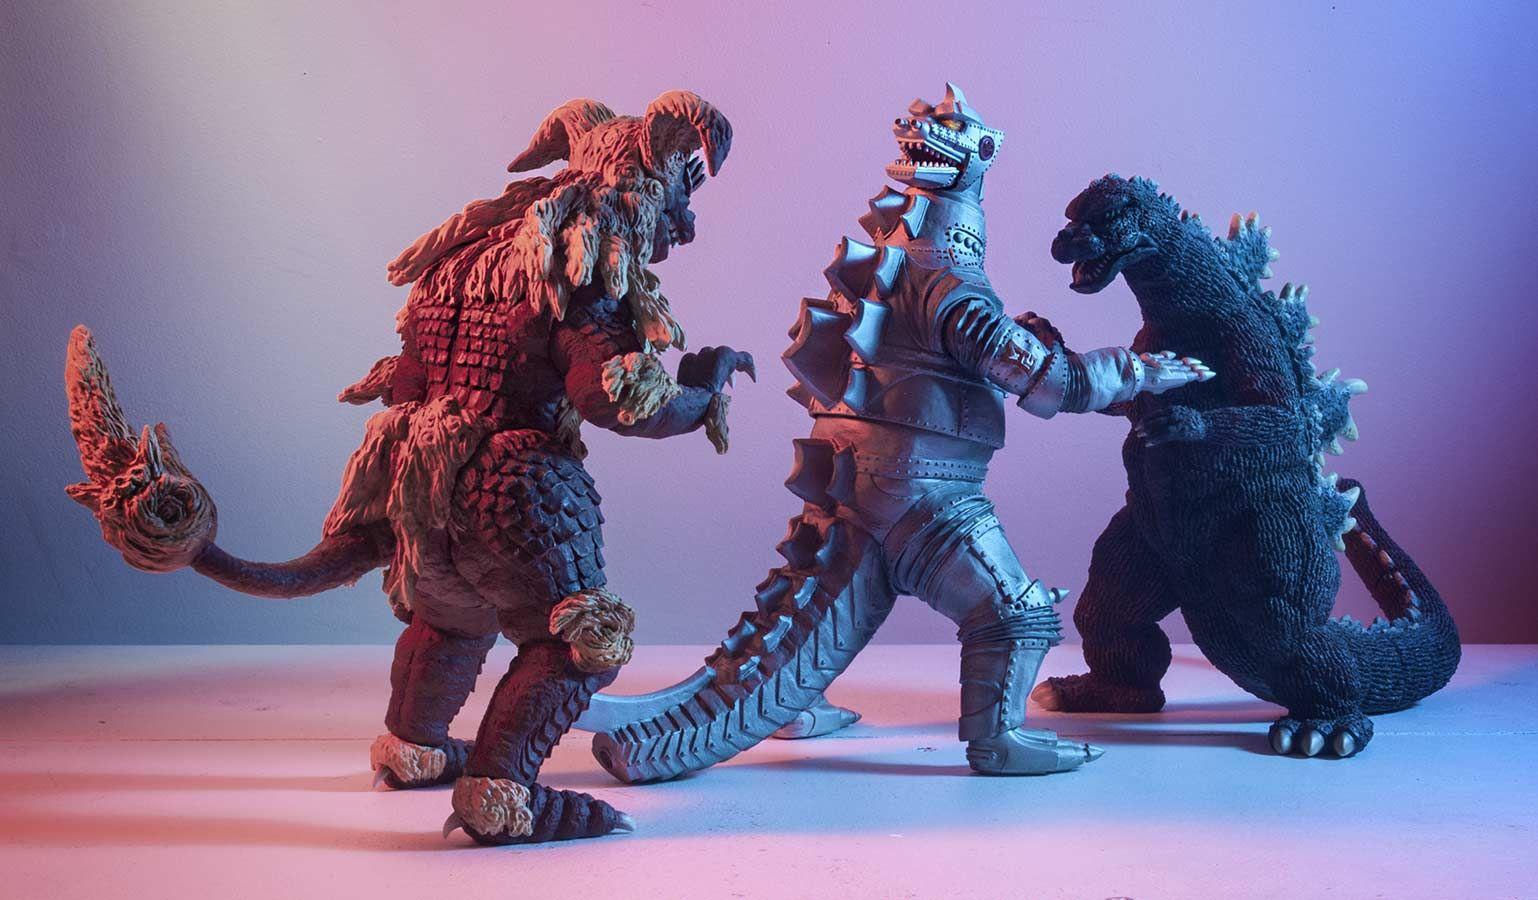 Someone srve Godzilla monster toys you